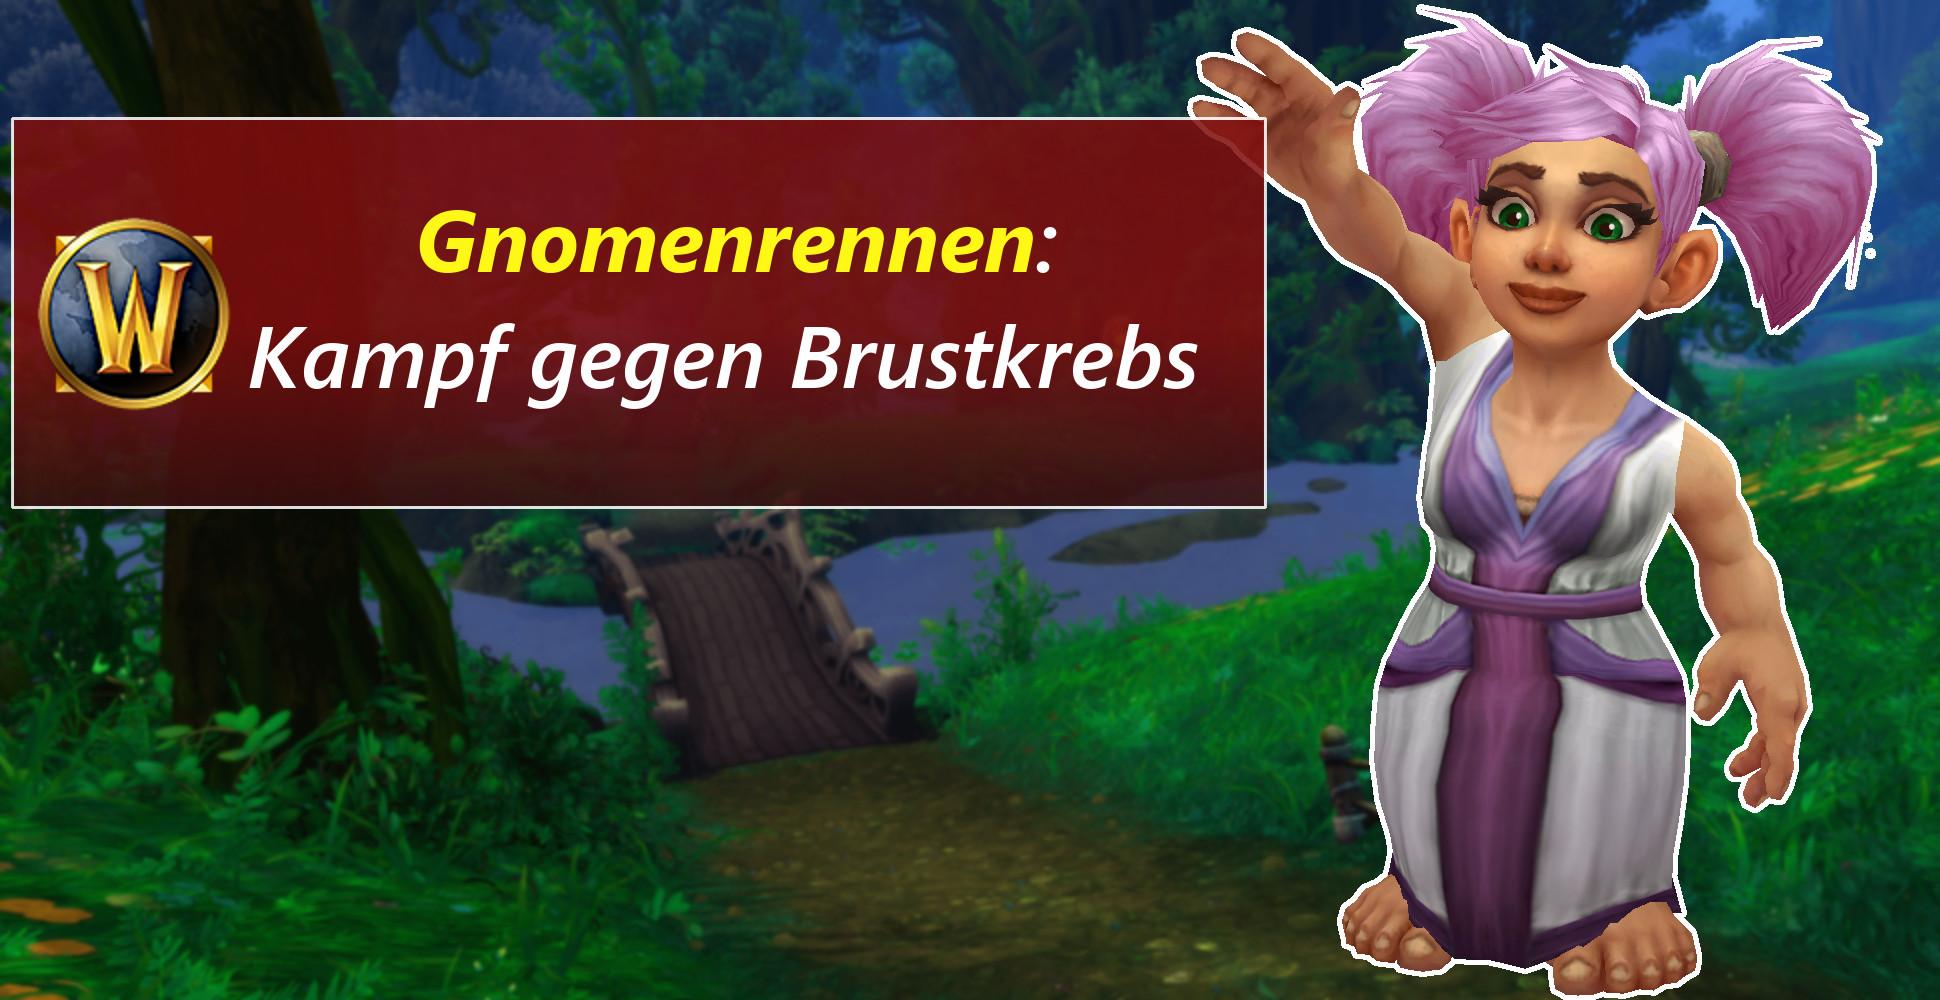 WoW: Rekord! 7000 pinke Gnome rannten gegen Brustkrebs